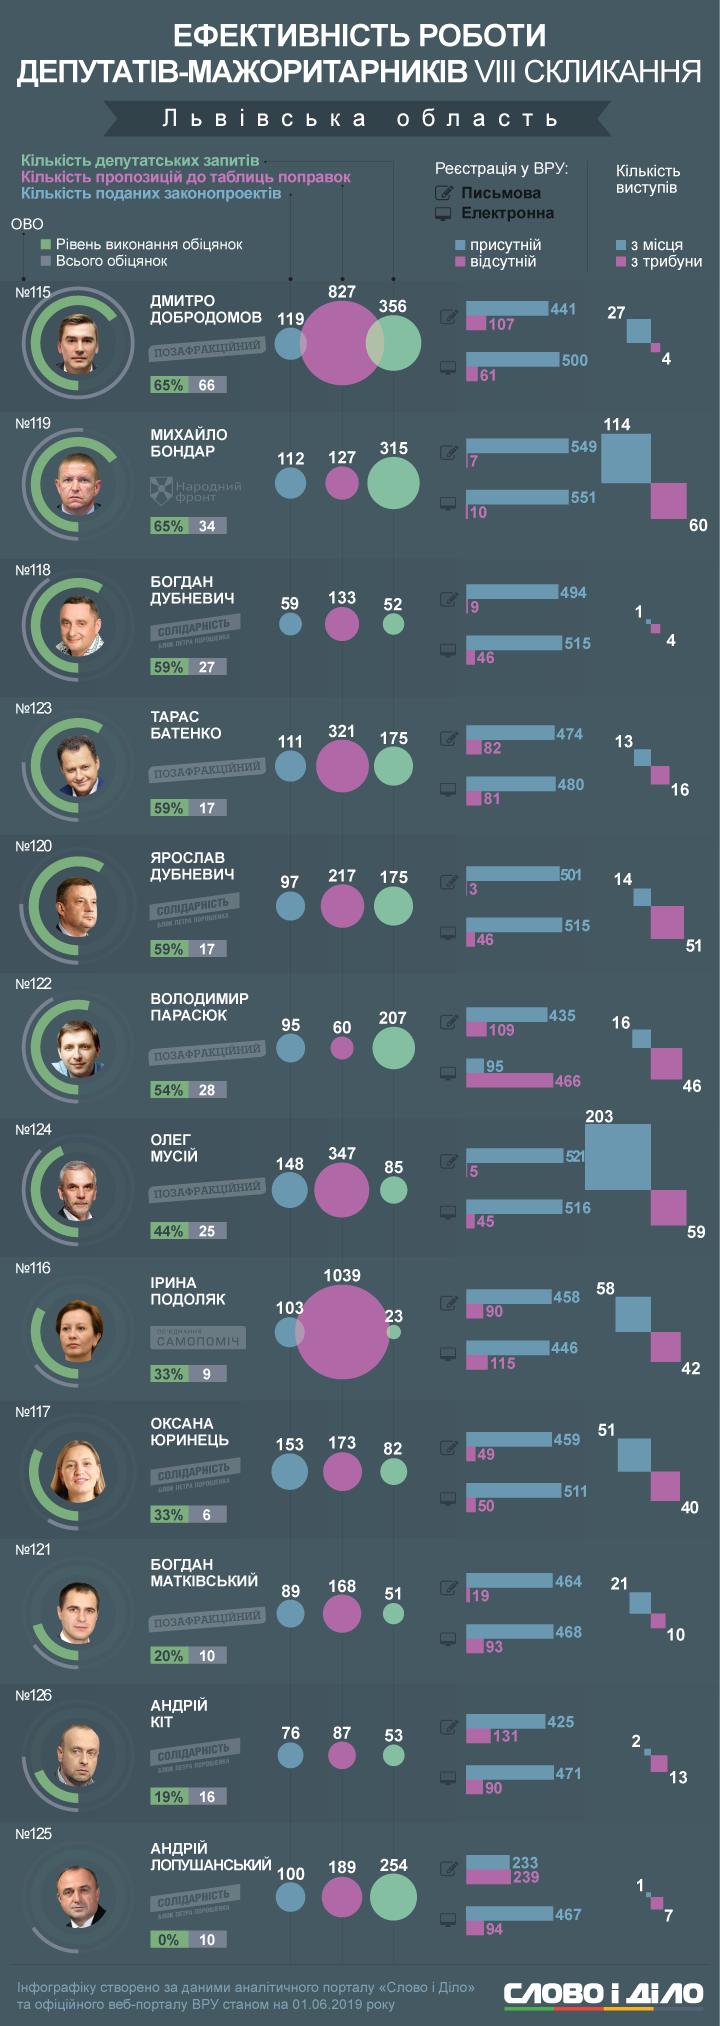 Половина мажоритарників Львівської області не виконали й 50 відсотків обіцянок. Нардеп Лопушанський не зміг реалізувати жодного зобов'язання перед виборцями.